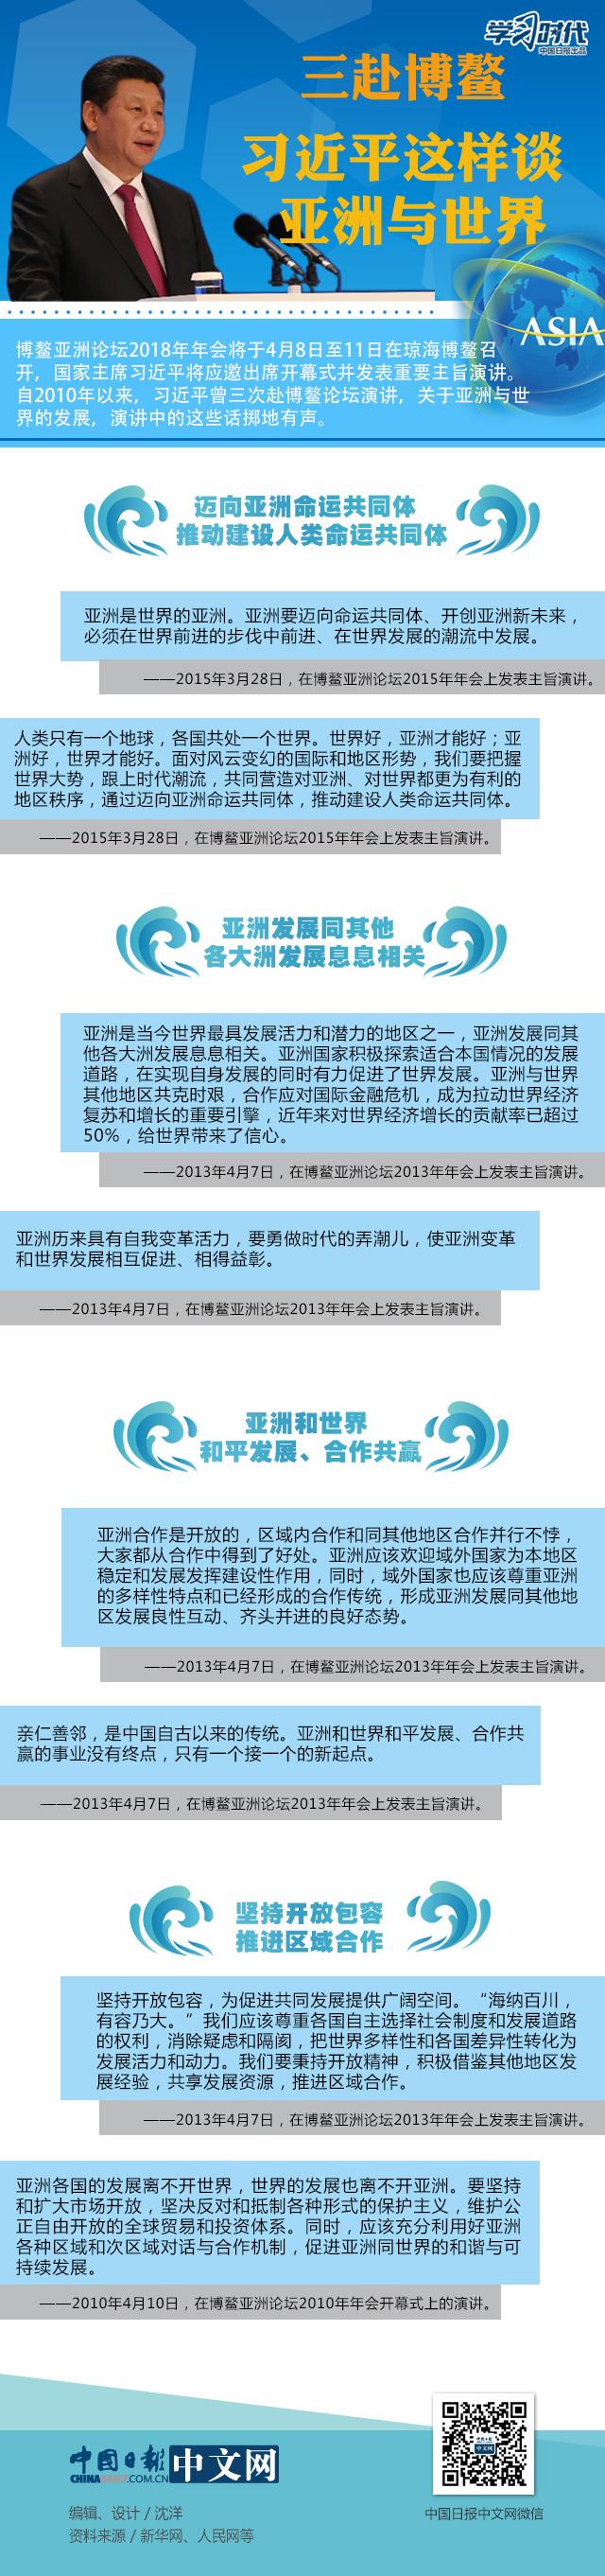 三赴博鳌_习近平这样谈亚洲与世界